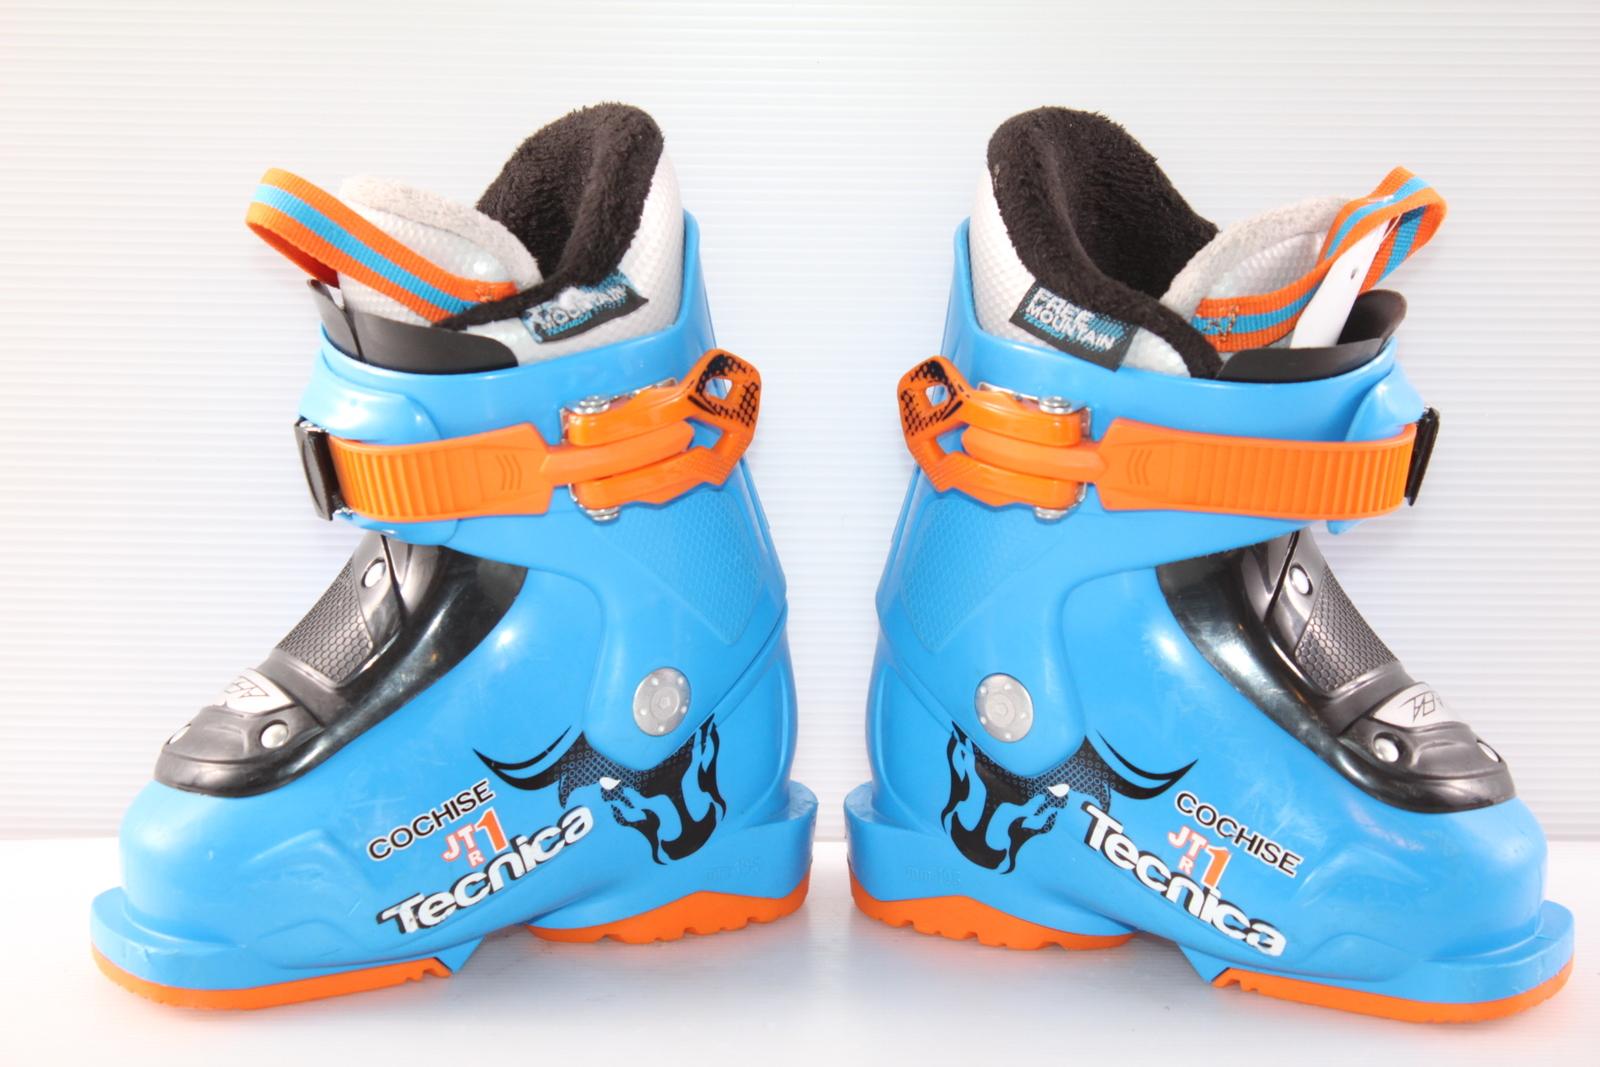 Dětské lyžáky Tecnica Cochise JT 1 R vel. EU25